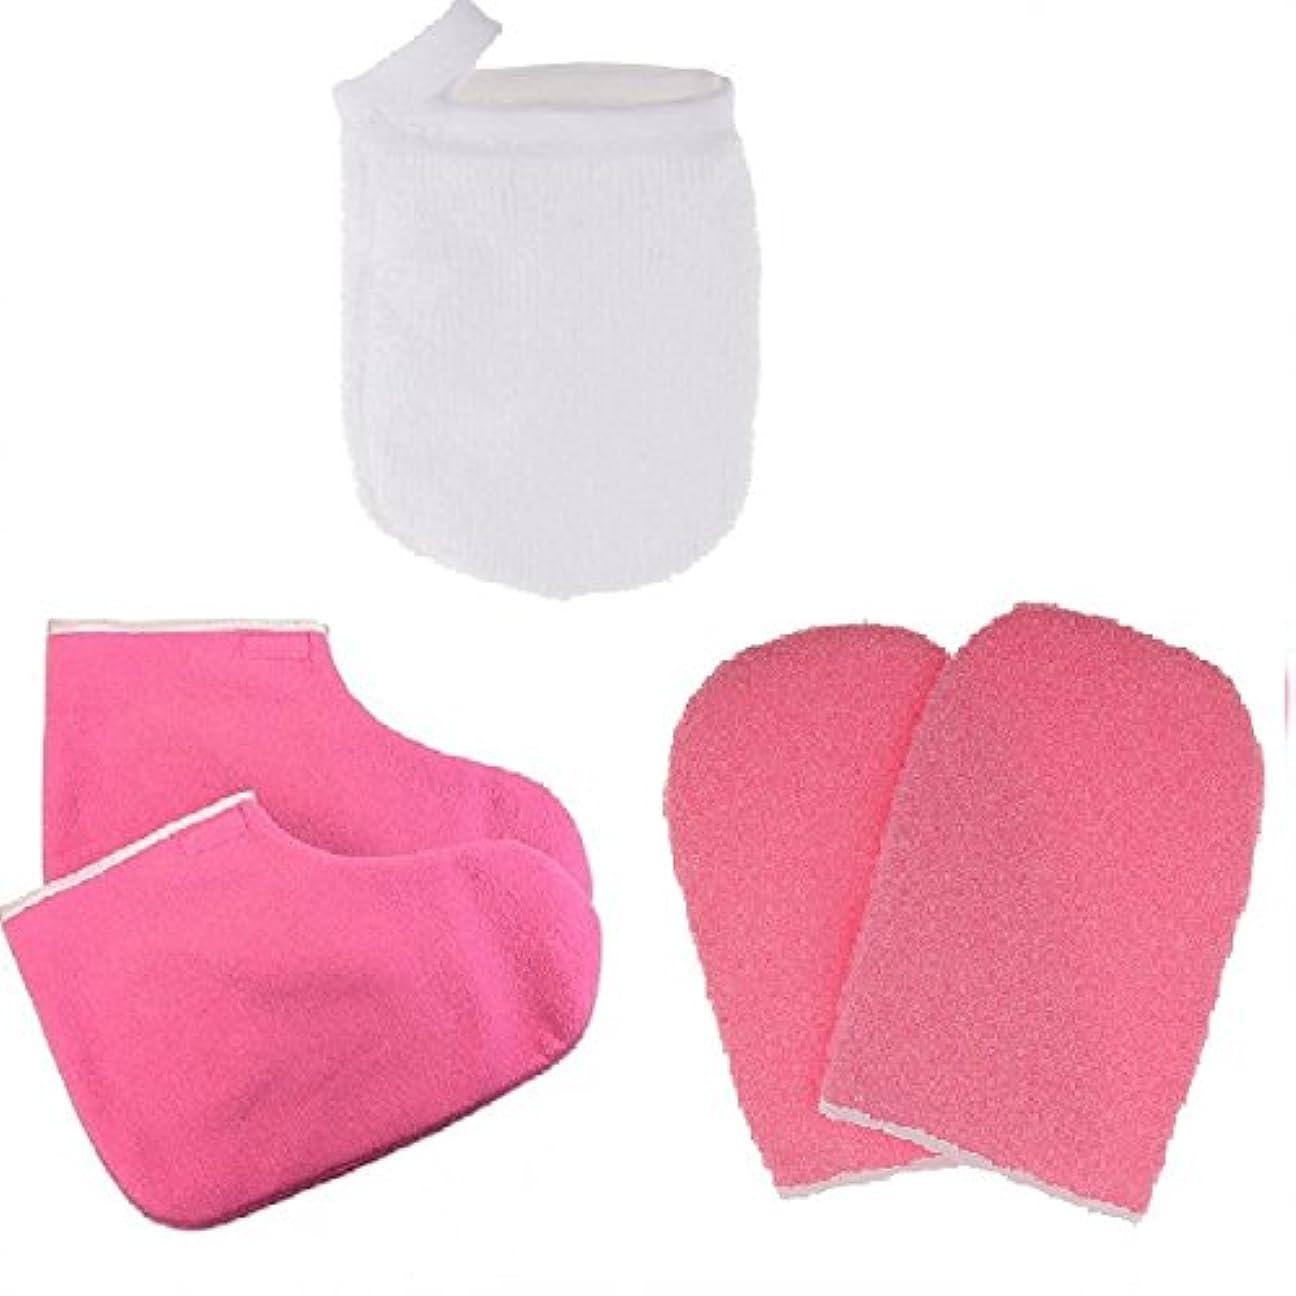 発明する神話価値B Blesiya グローブ パラフィンワックス保護手袋 メイクリムーバー パッド パラフィンワックス手袋